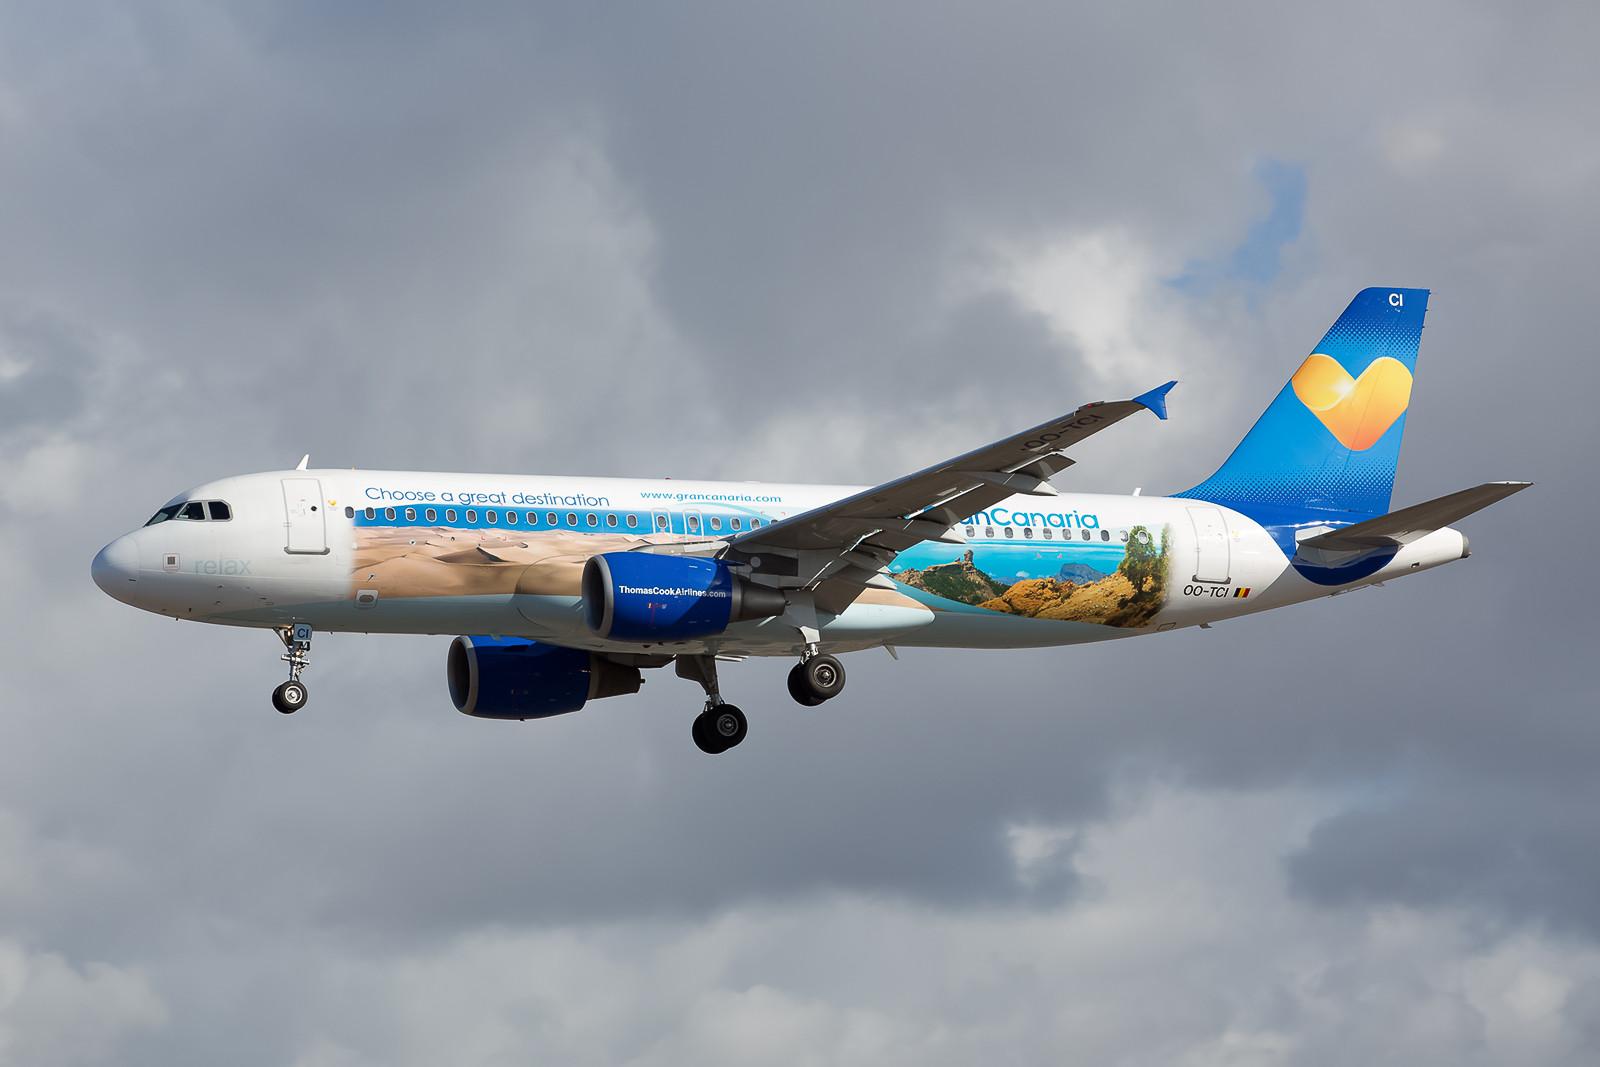 Für die Nachbarinsel Gran Canaria macht dieser Airbus 320-214 Werbung. Die OO-TCI war früher mal bei Azzurra Air als EI-DBD unterwegs.